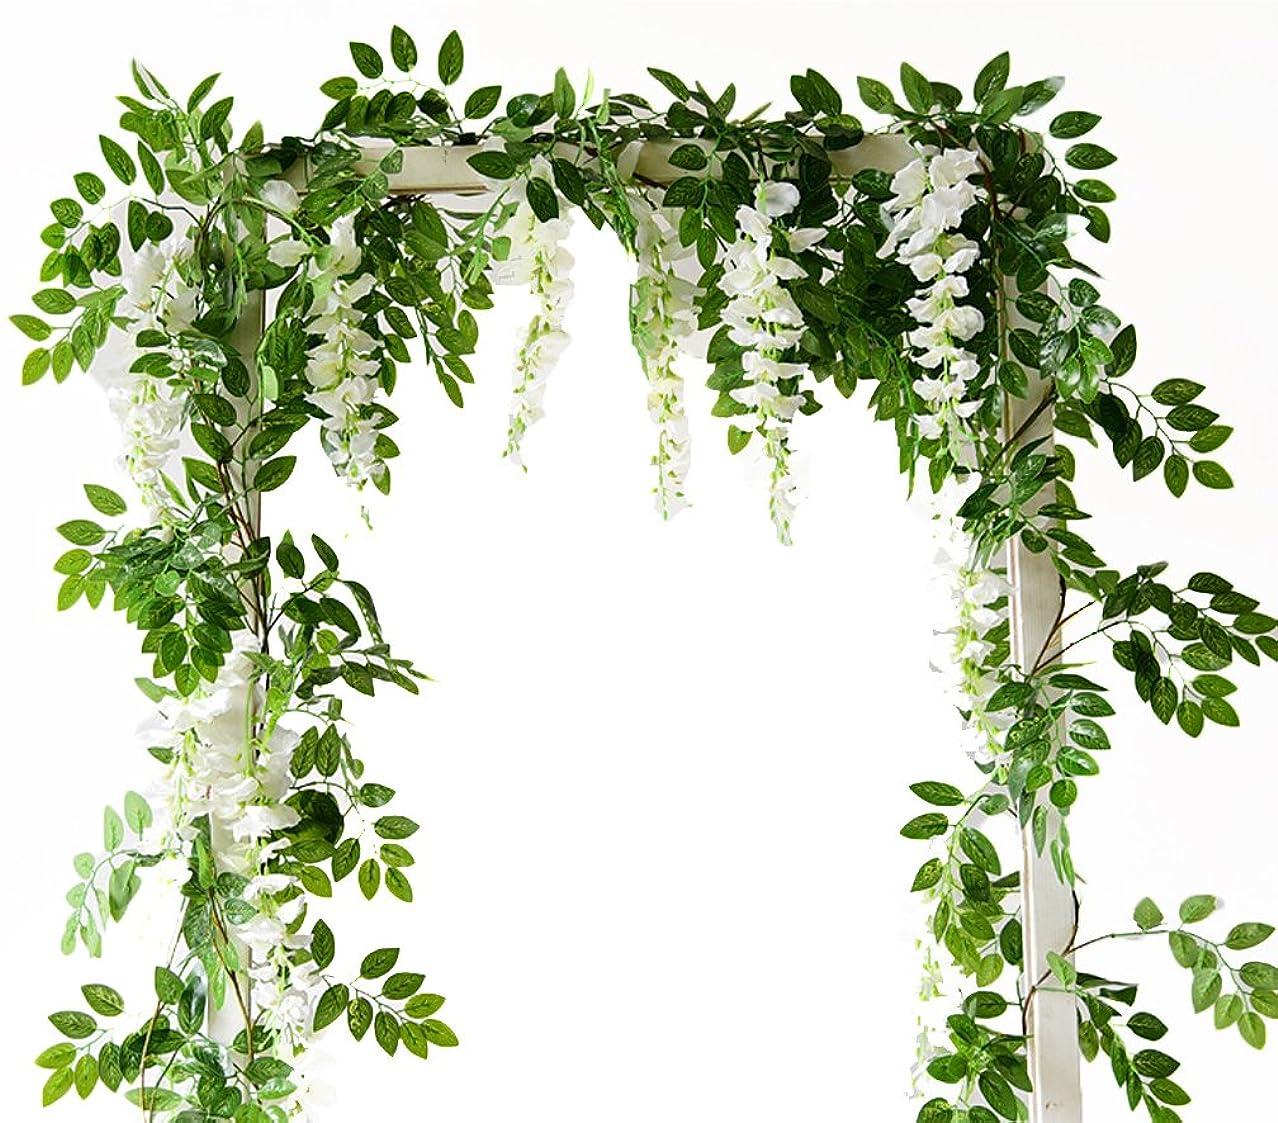 メキシコまともな香ばしい(Cream) - 2m Artificial Flowers Silk Wisteria flowers Ivy Vine Green Leaf Hanging Vine Garland for Wedding Party Home Garden Wall Decoration Pack of 2, Cream